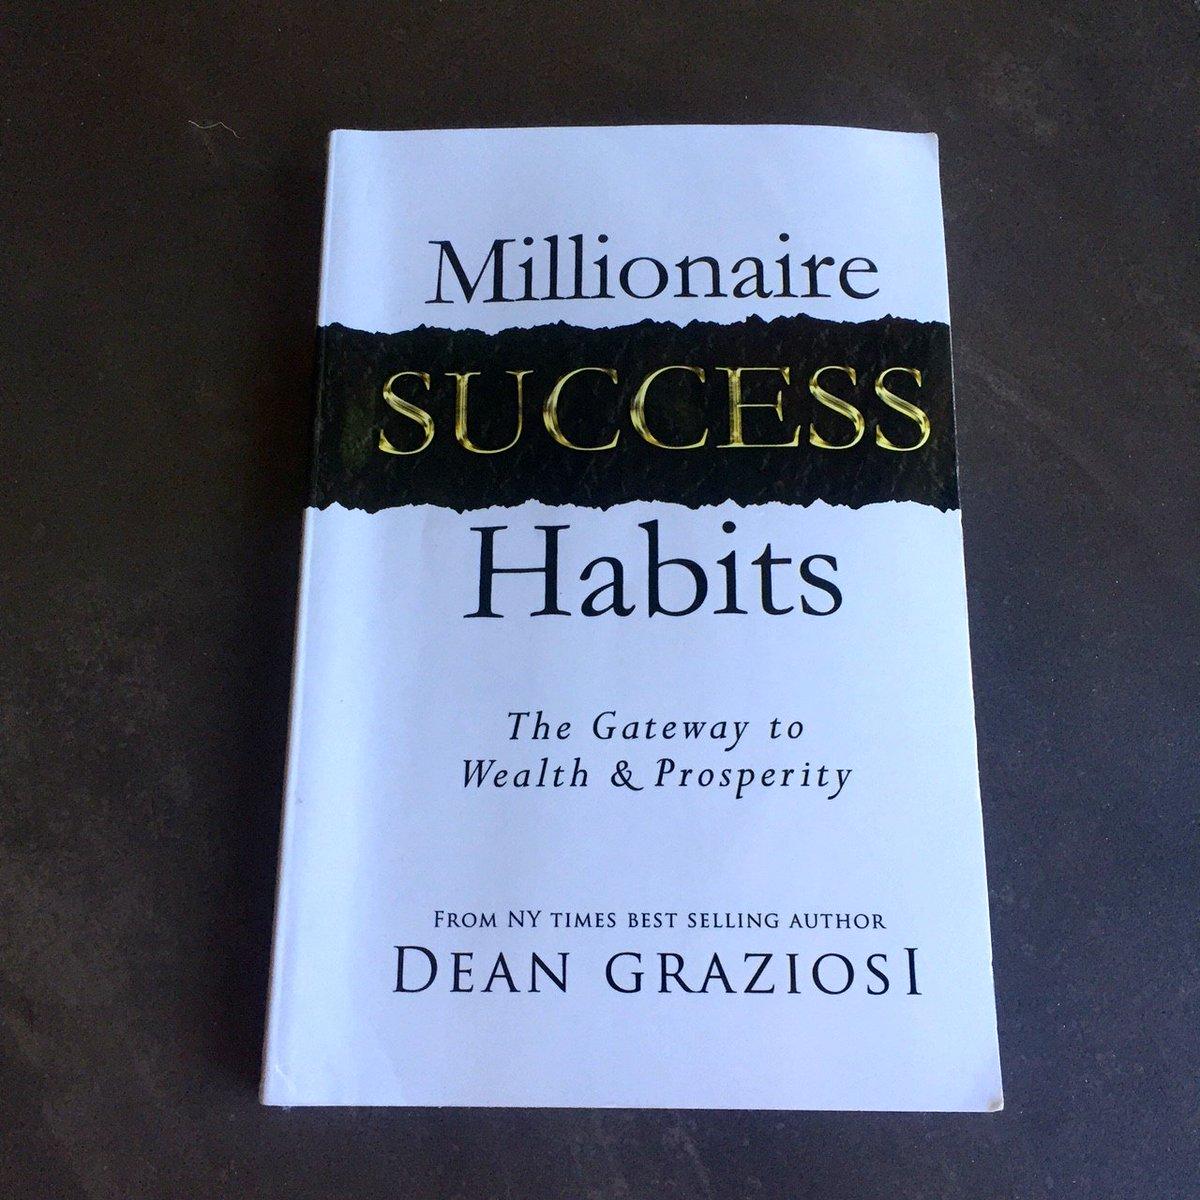 Dean Graziosi Books.jpg